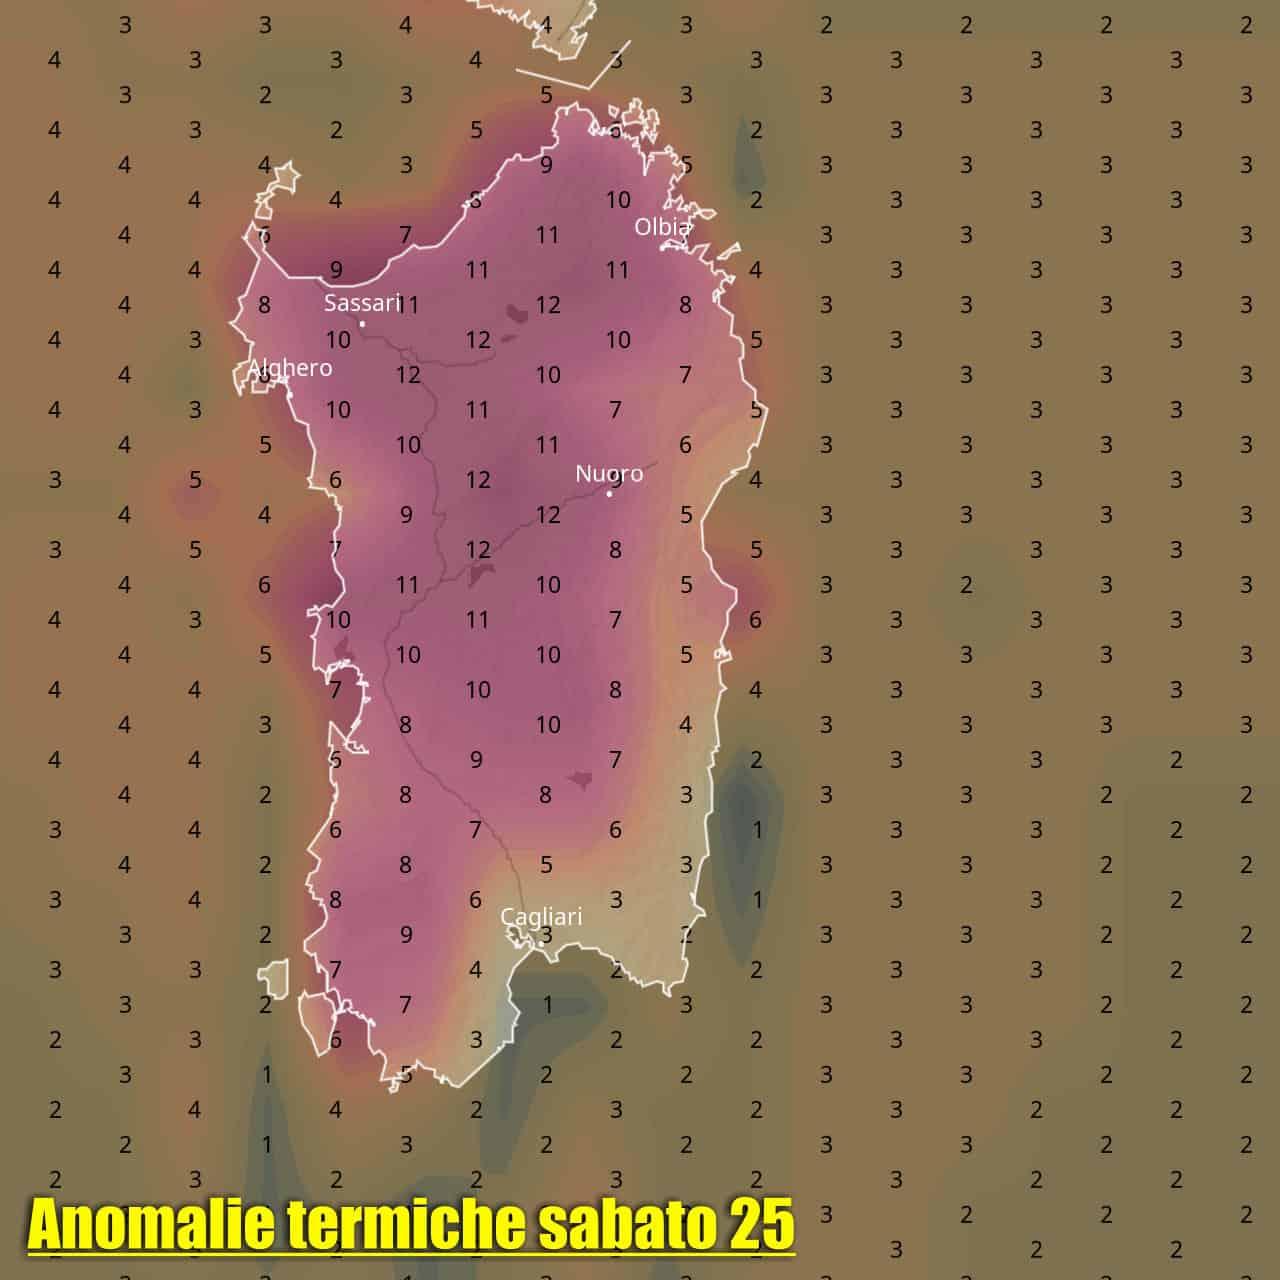 anomalia temperatura sardegna 25 settembre - SARDEGNA, meteo TROPICALE, molto CALDO con rischio TEMPORALI